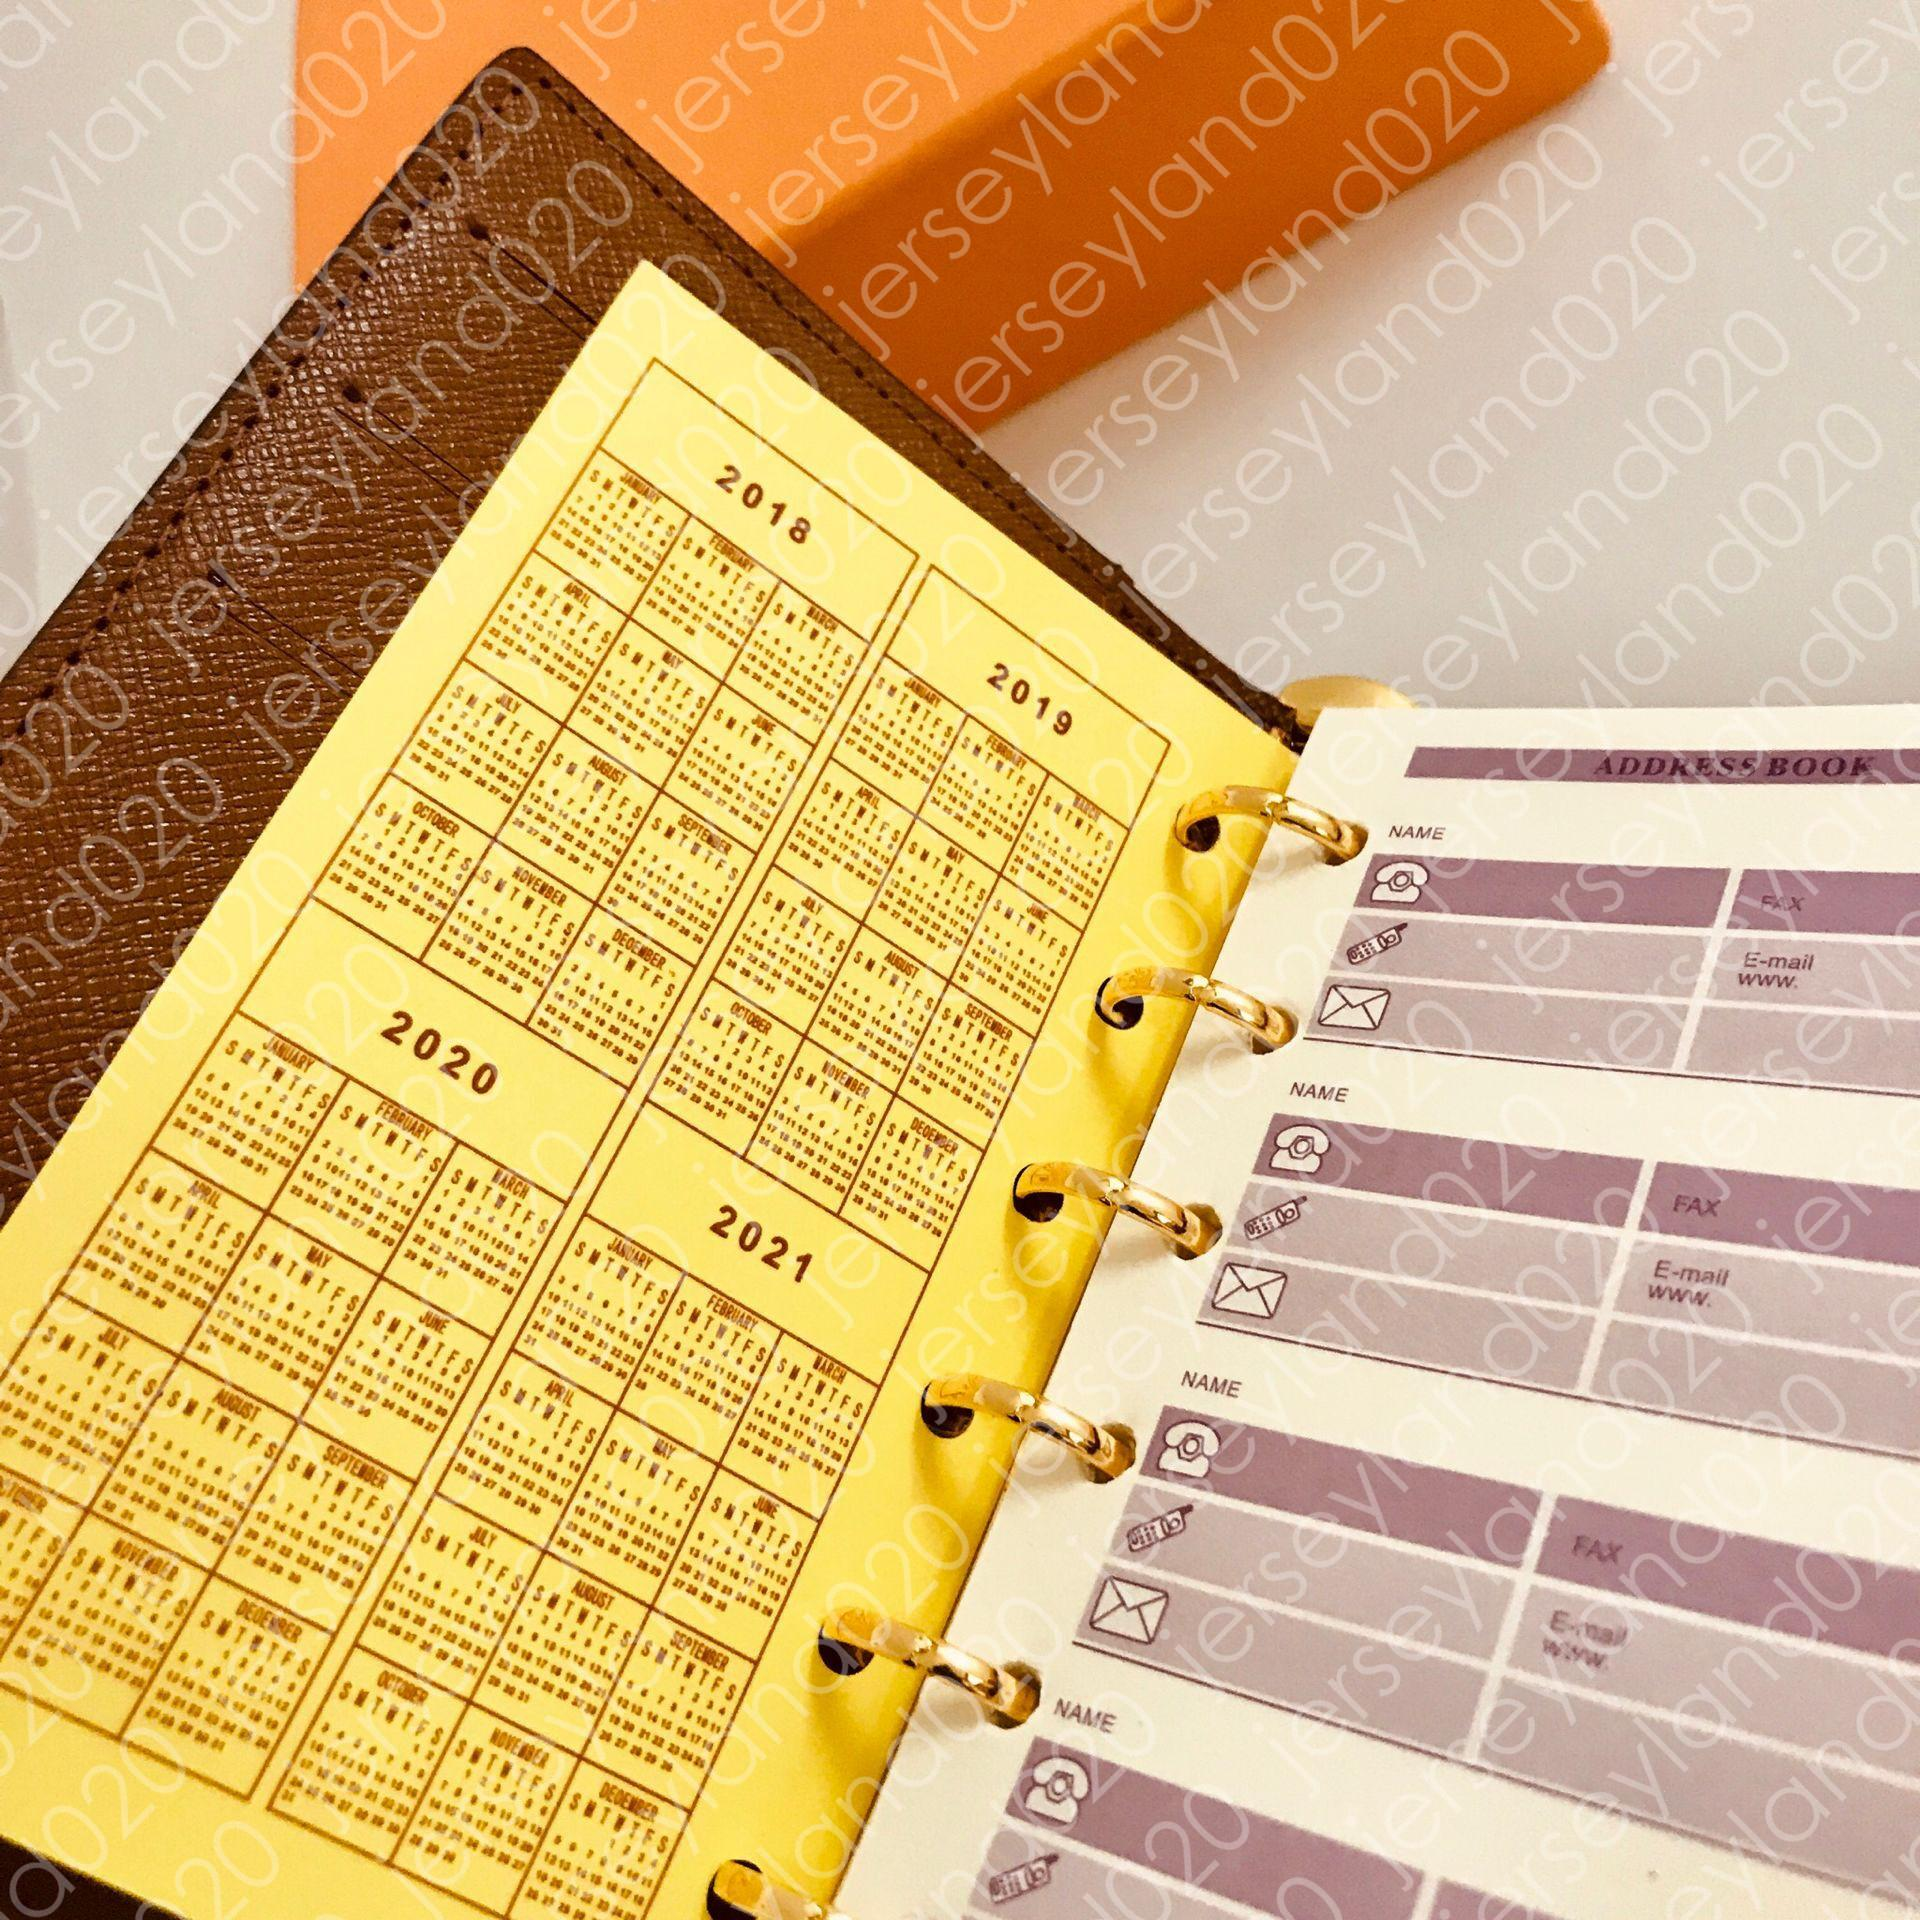 MEDIO ANELLO PICCOLO AGENDA COVER Designer Donna Moda Notebook Porta carte di credito Custodia Portafoglio di lusso Iconic Marrone Impermeabile Tela R20105